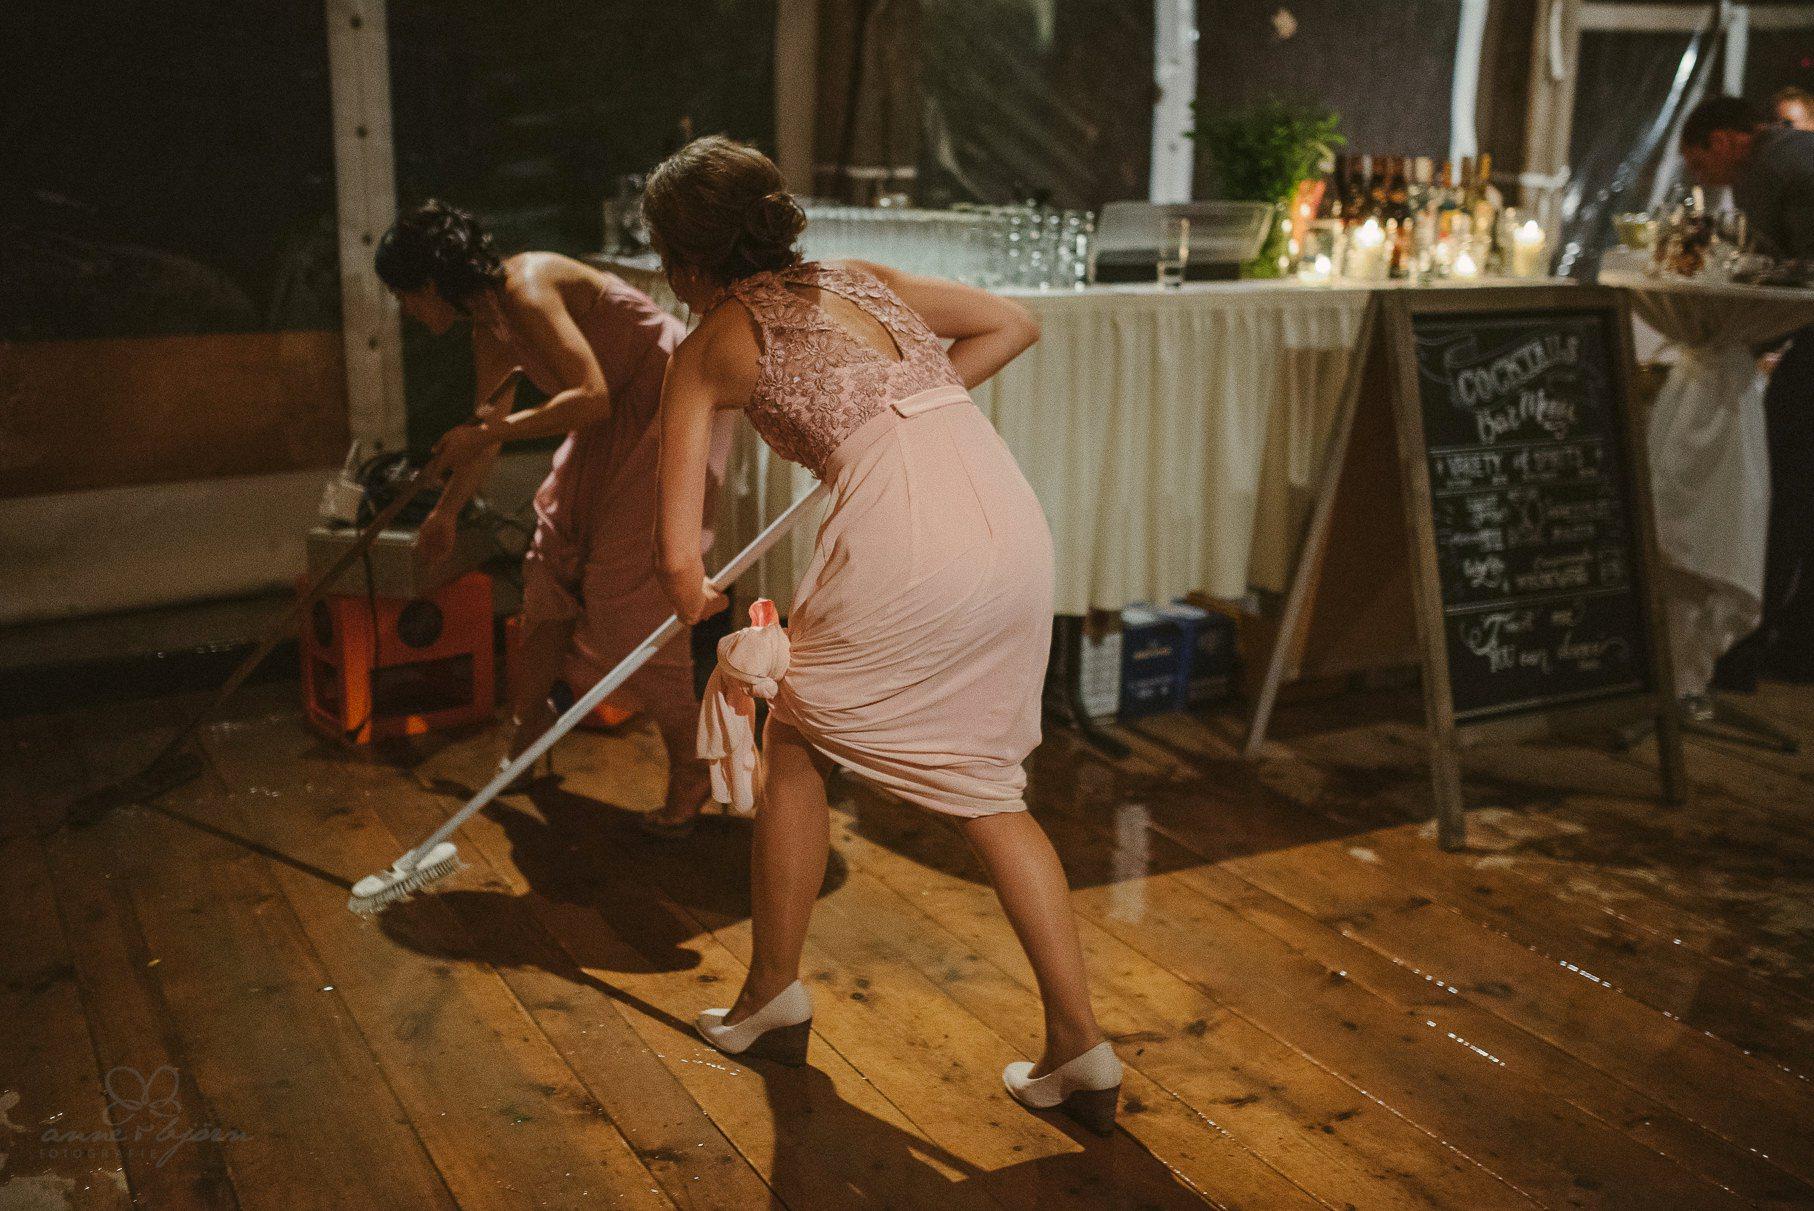 0141 anne und bjoern hochzeit schweiz d75 2408 - DIY Hochzeit in der Schweiz - Sabrina & Christoph